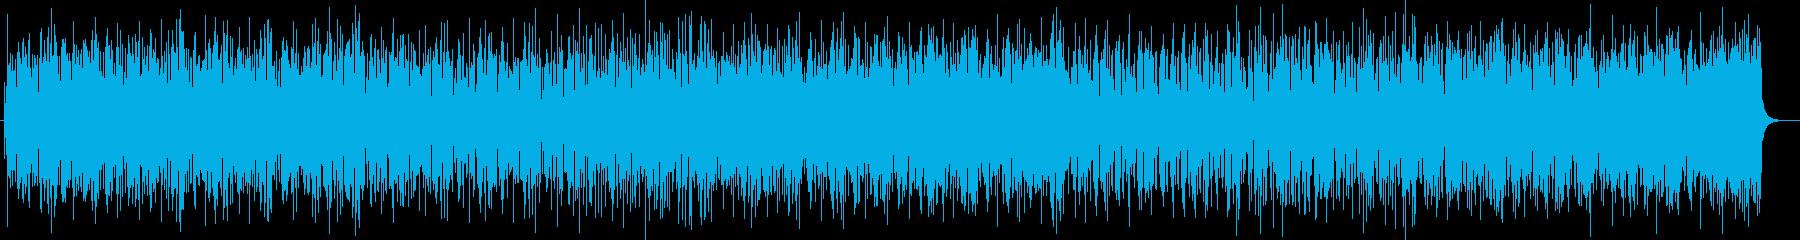 リズミカルでとても楽しいポップスの再生済みの波形